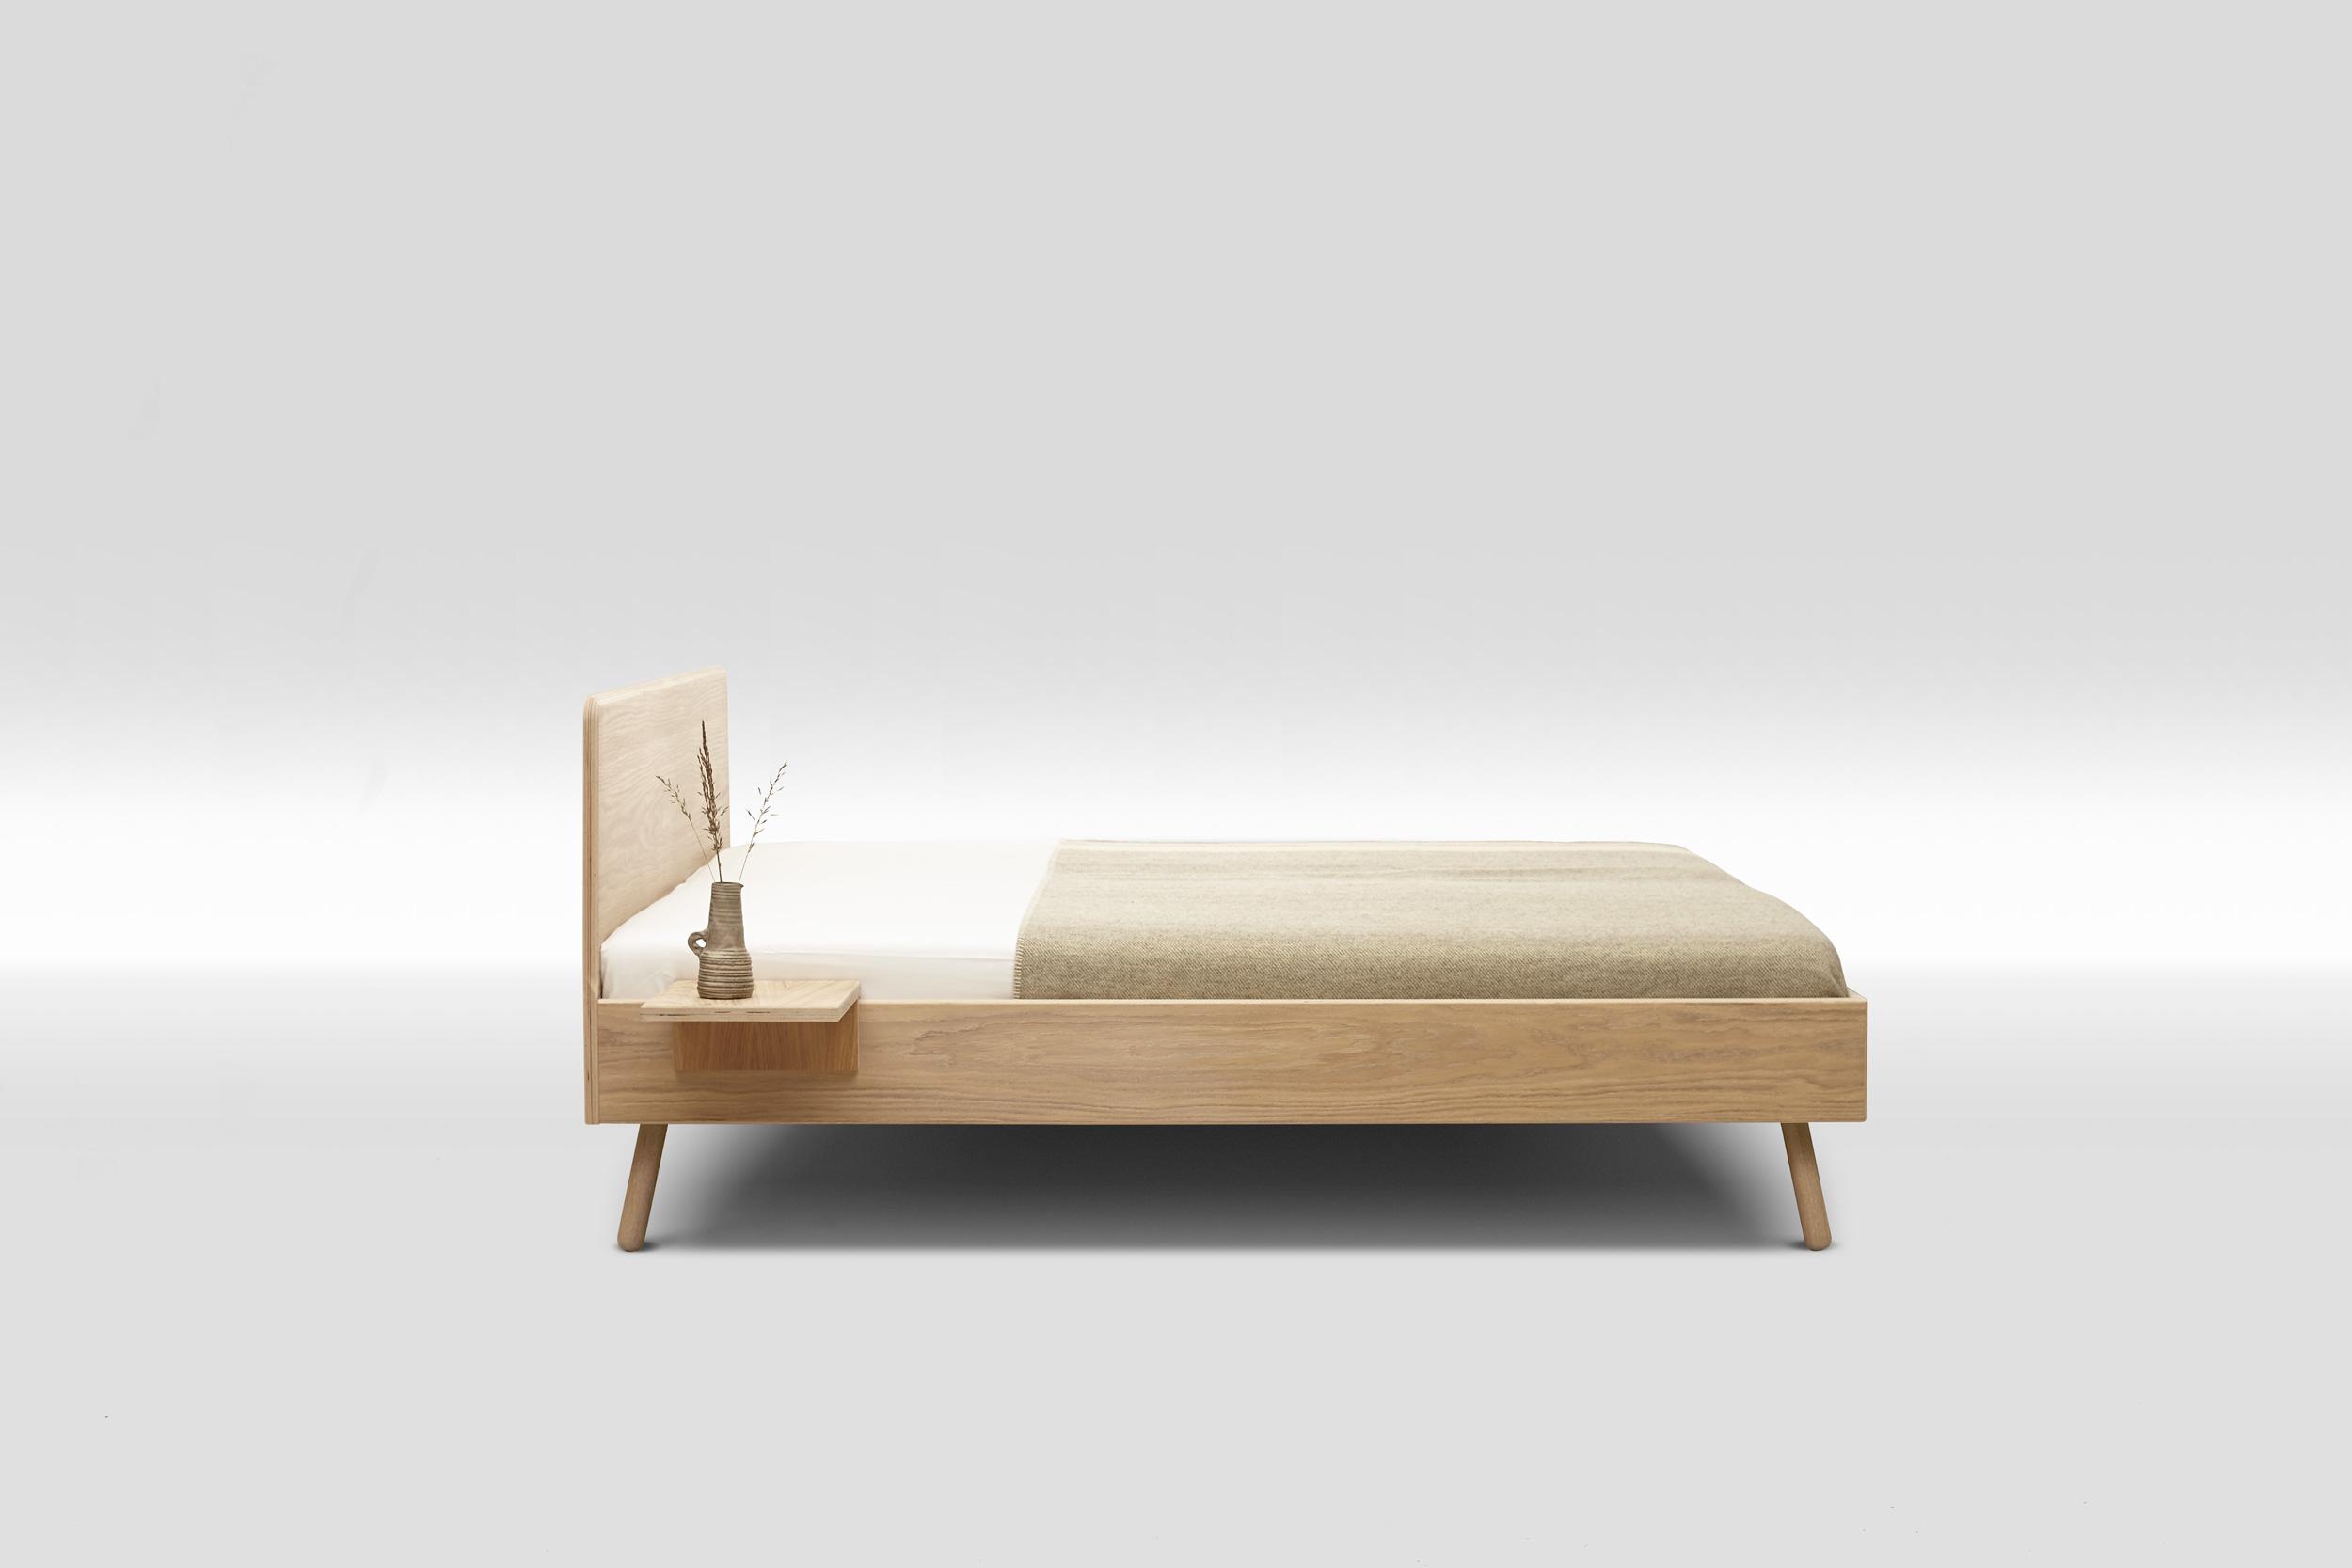 Natürliches Bett aus gesundem Holz | InteriorPark.